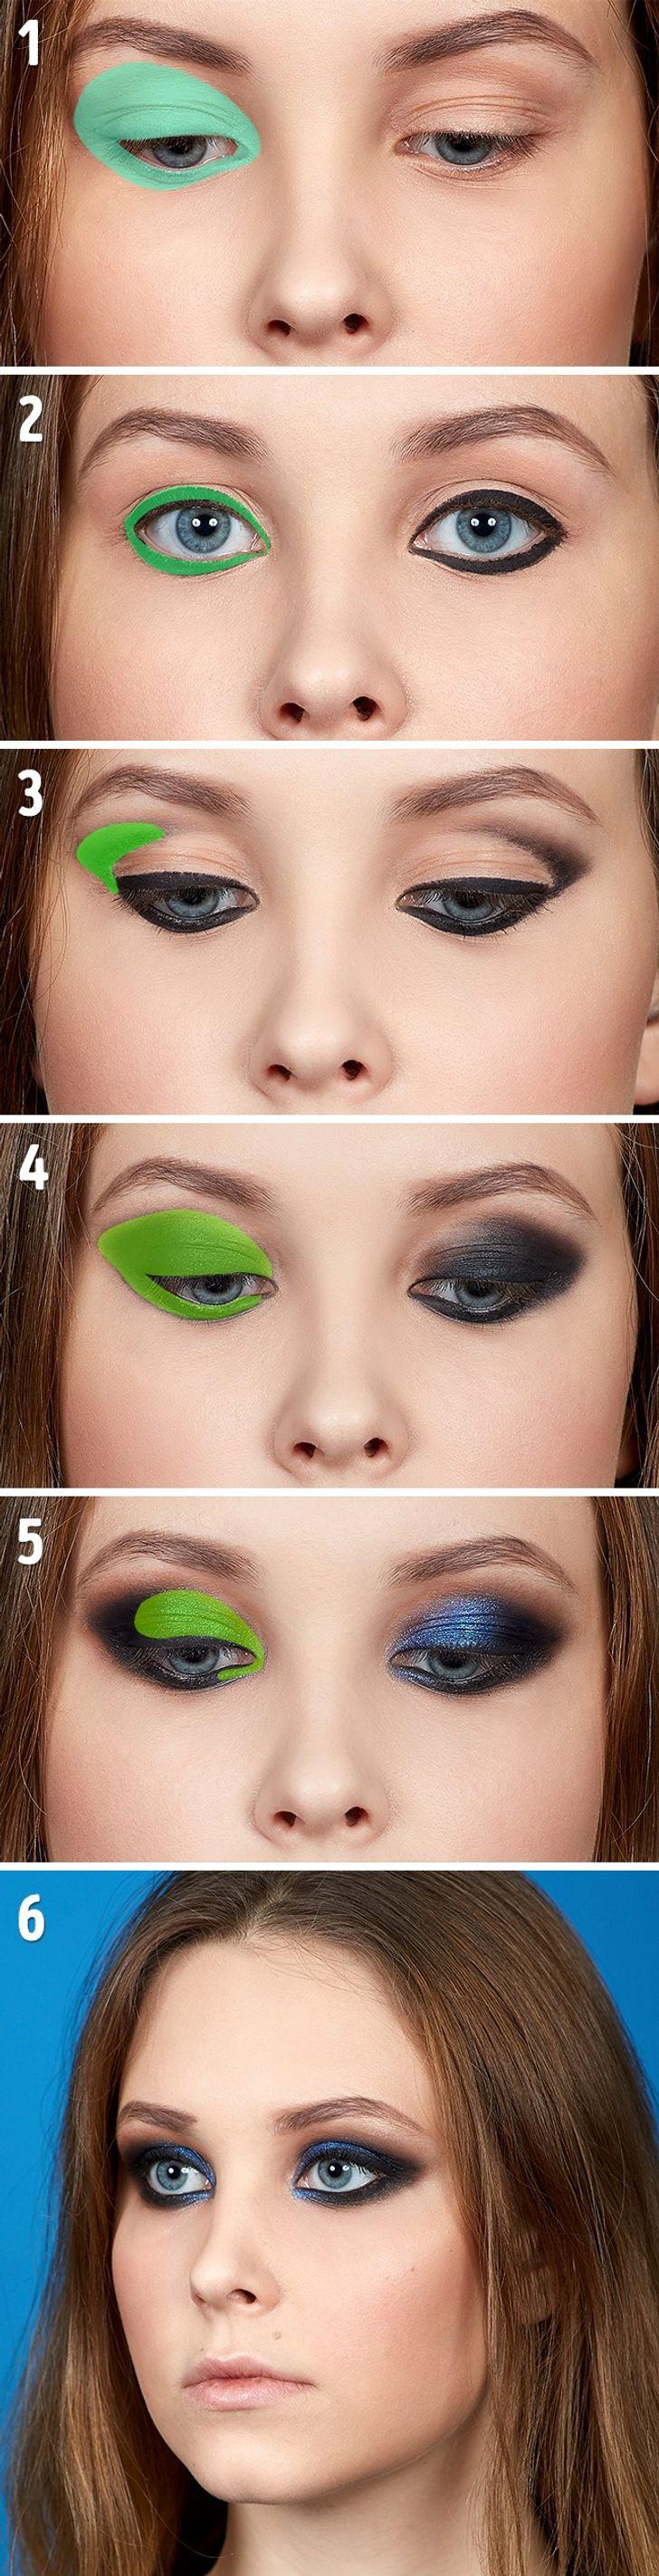 15 increíbles trucos de maquillaje que te convertirán en una artista - Para Los Curiosos